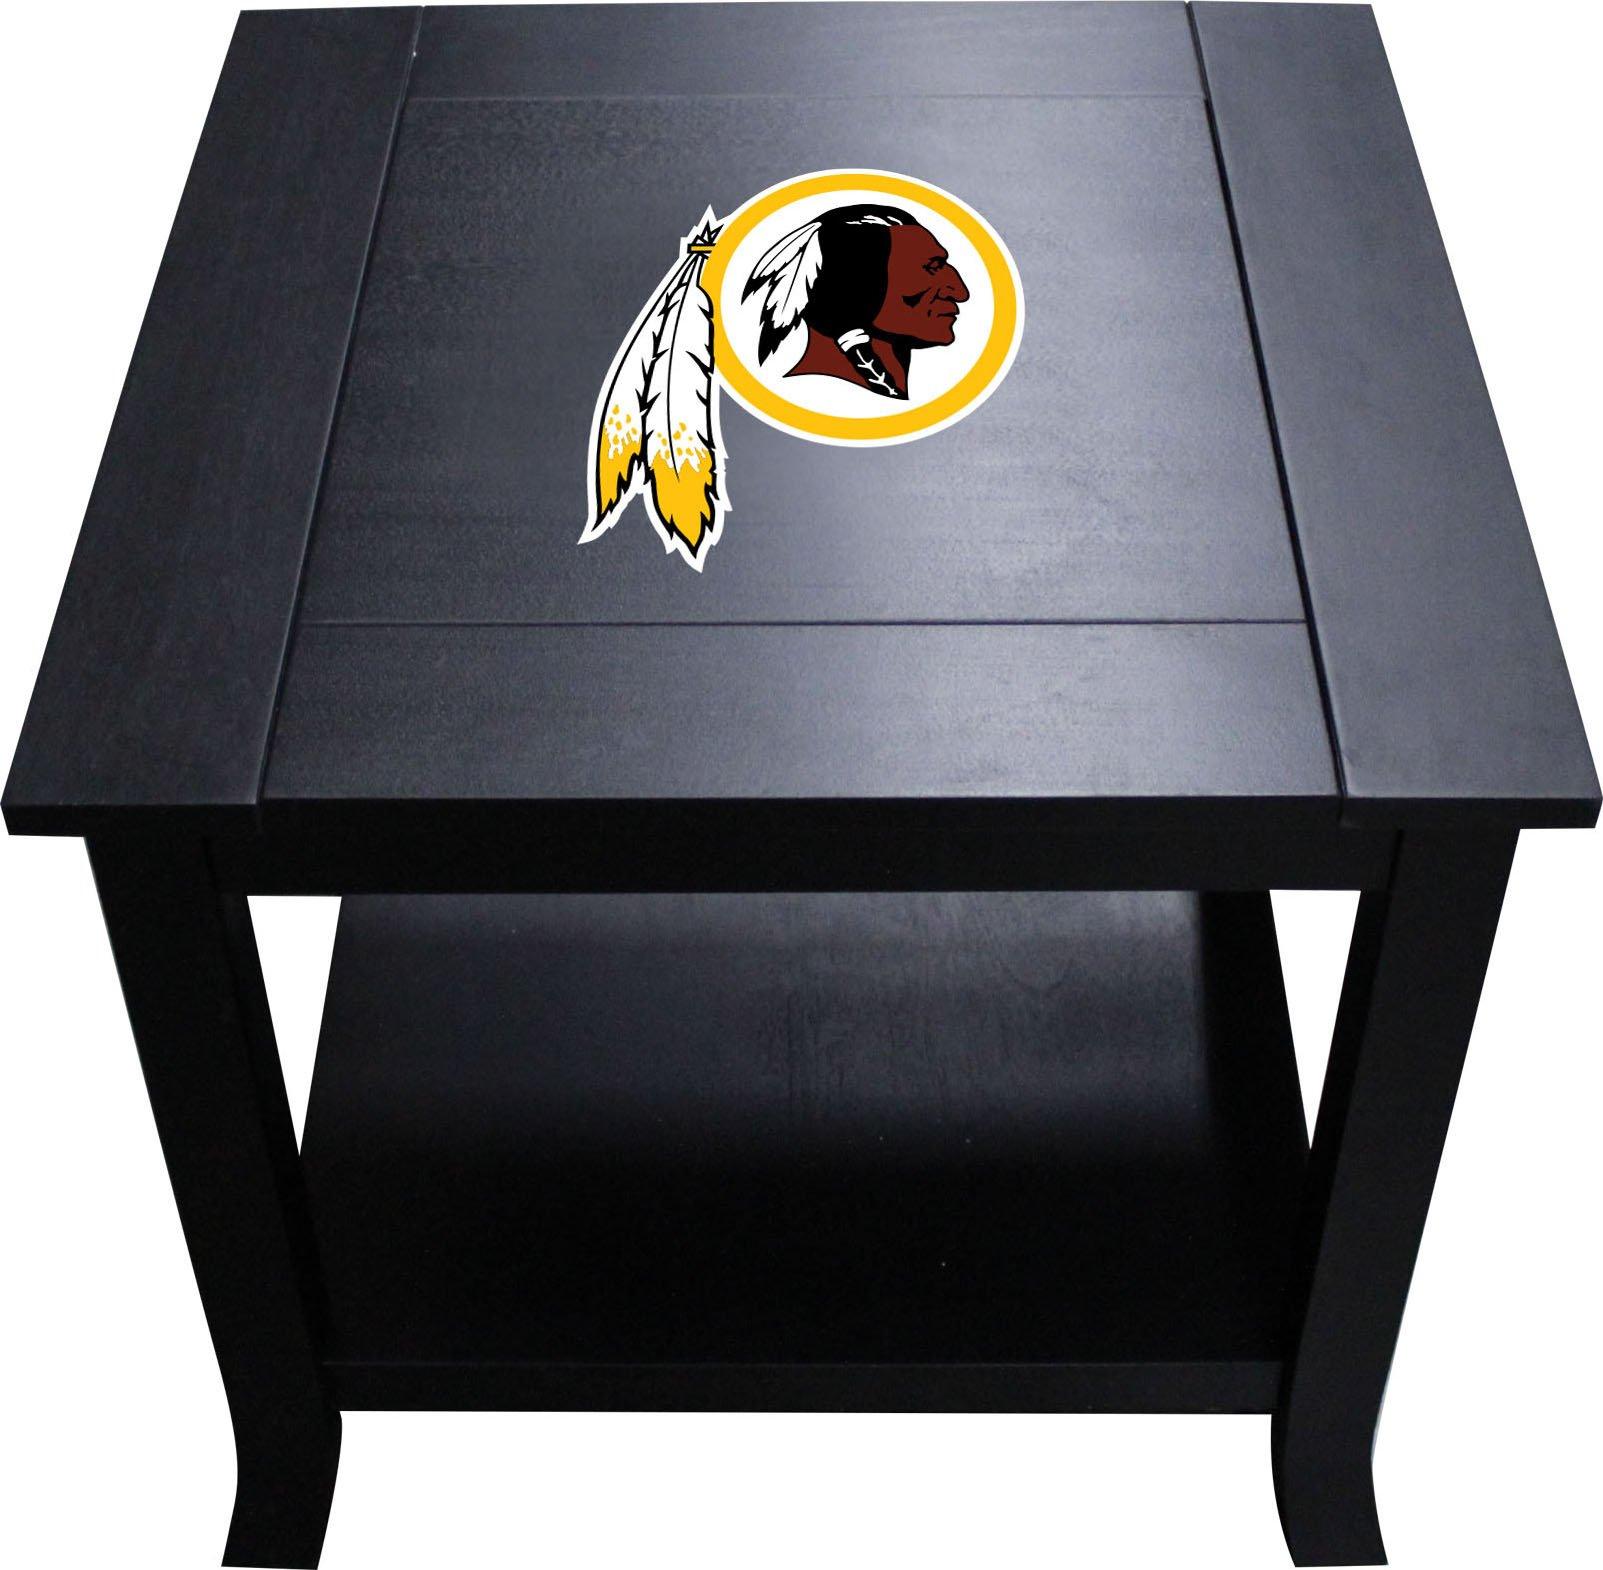 Imperial Officially Licensed NFL Furniture: Hardwood Side/End Table, Washington Redskins